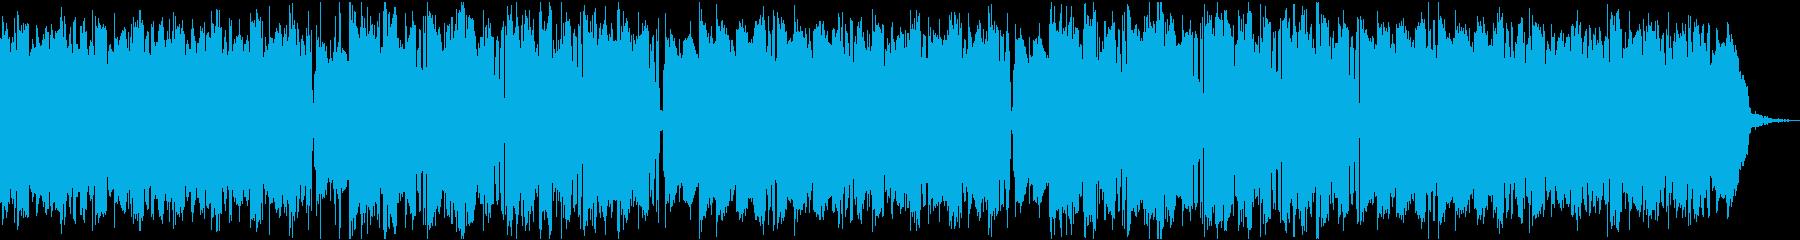 ローファイ、チルアウト、ヒップホップの再生済みの波形